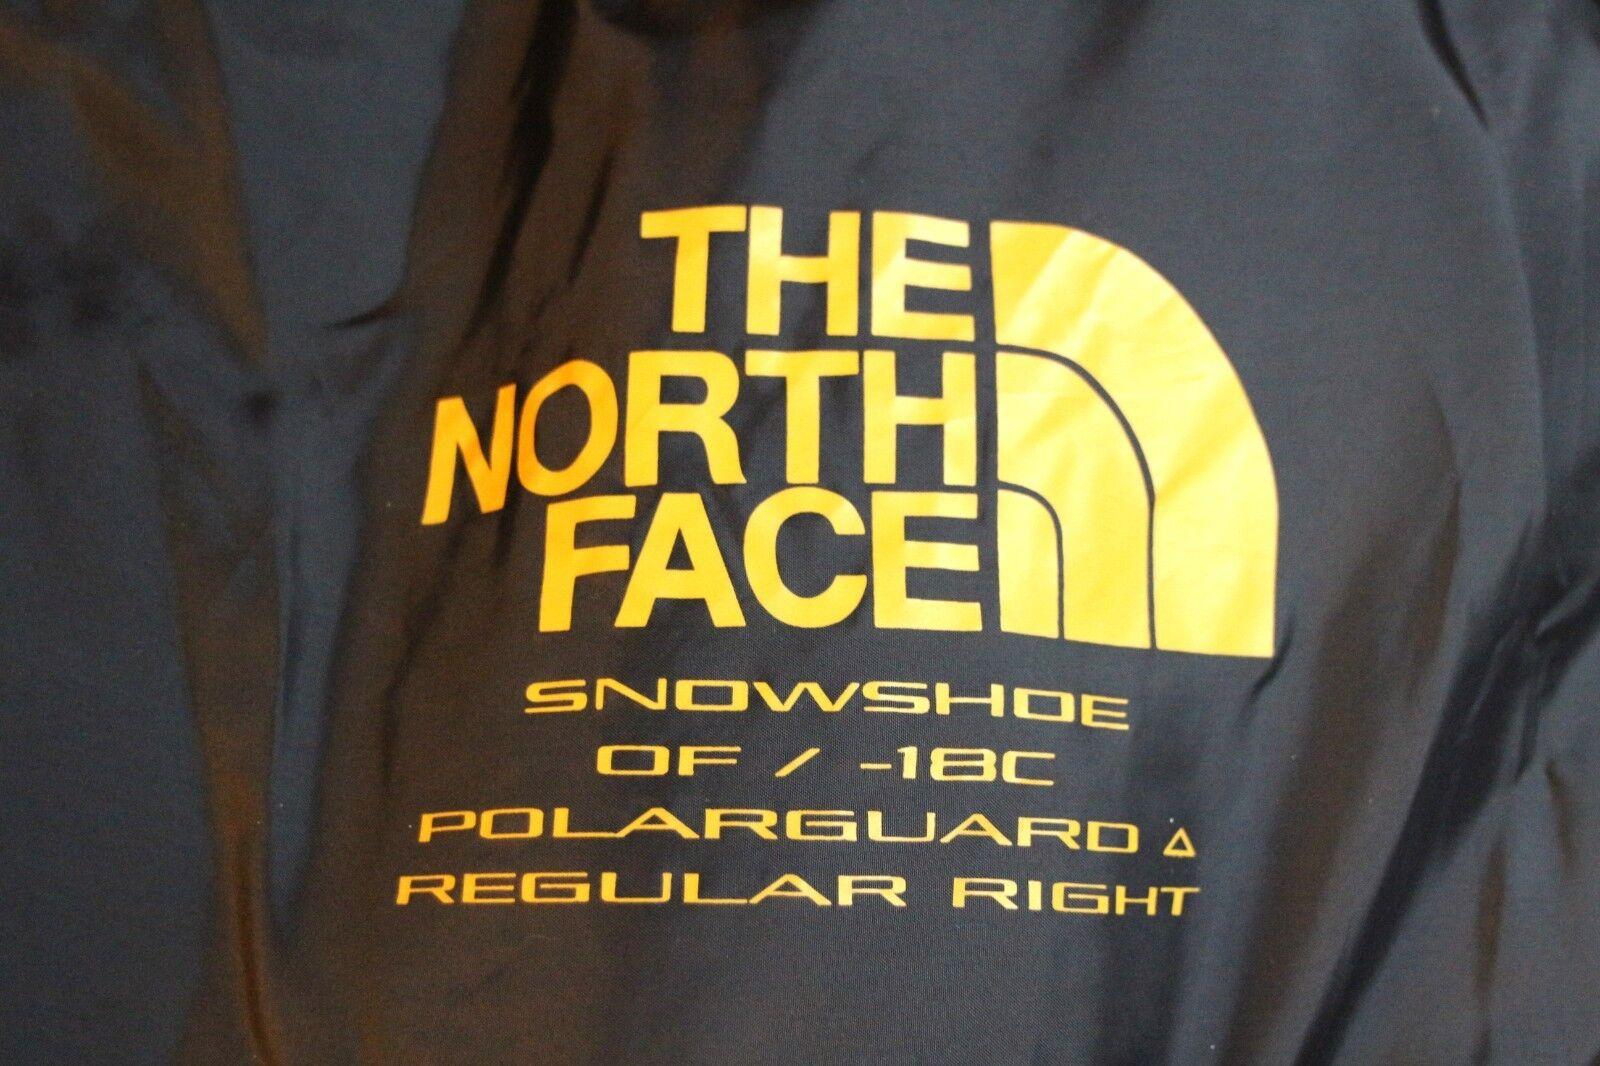 Saco de dormir North Face SNOWzapatos -18 grados hasta 183cm cuerpo grandes